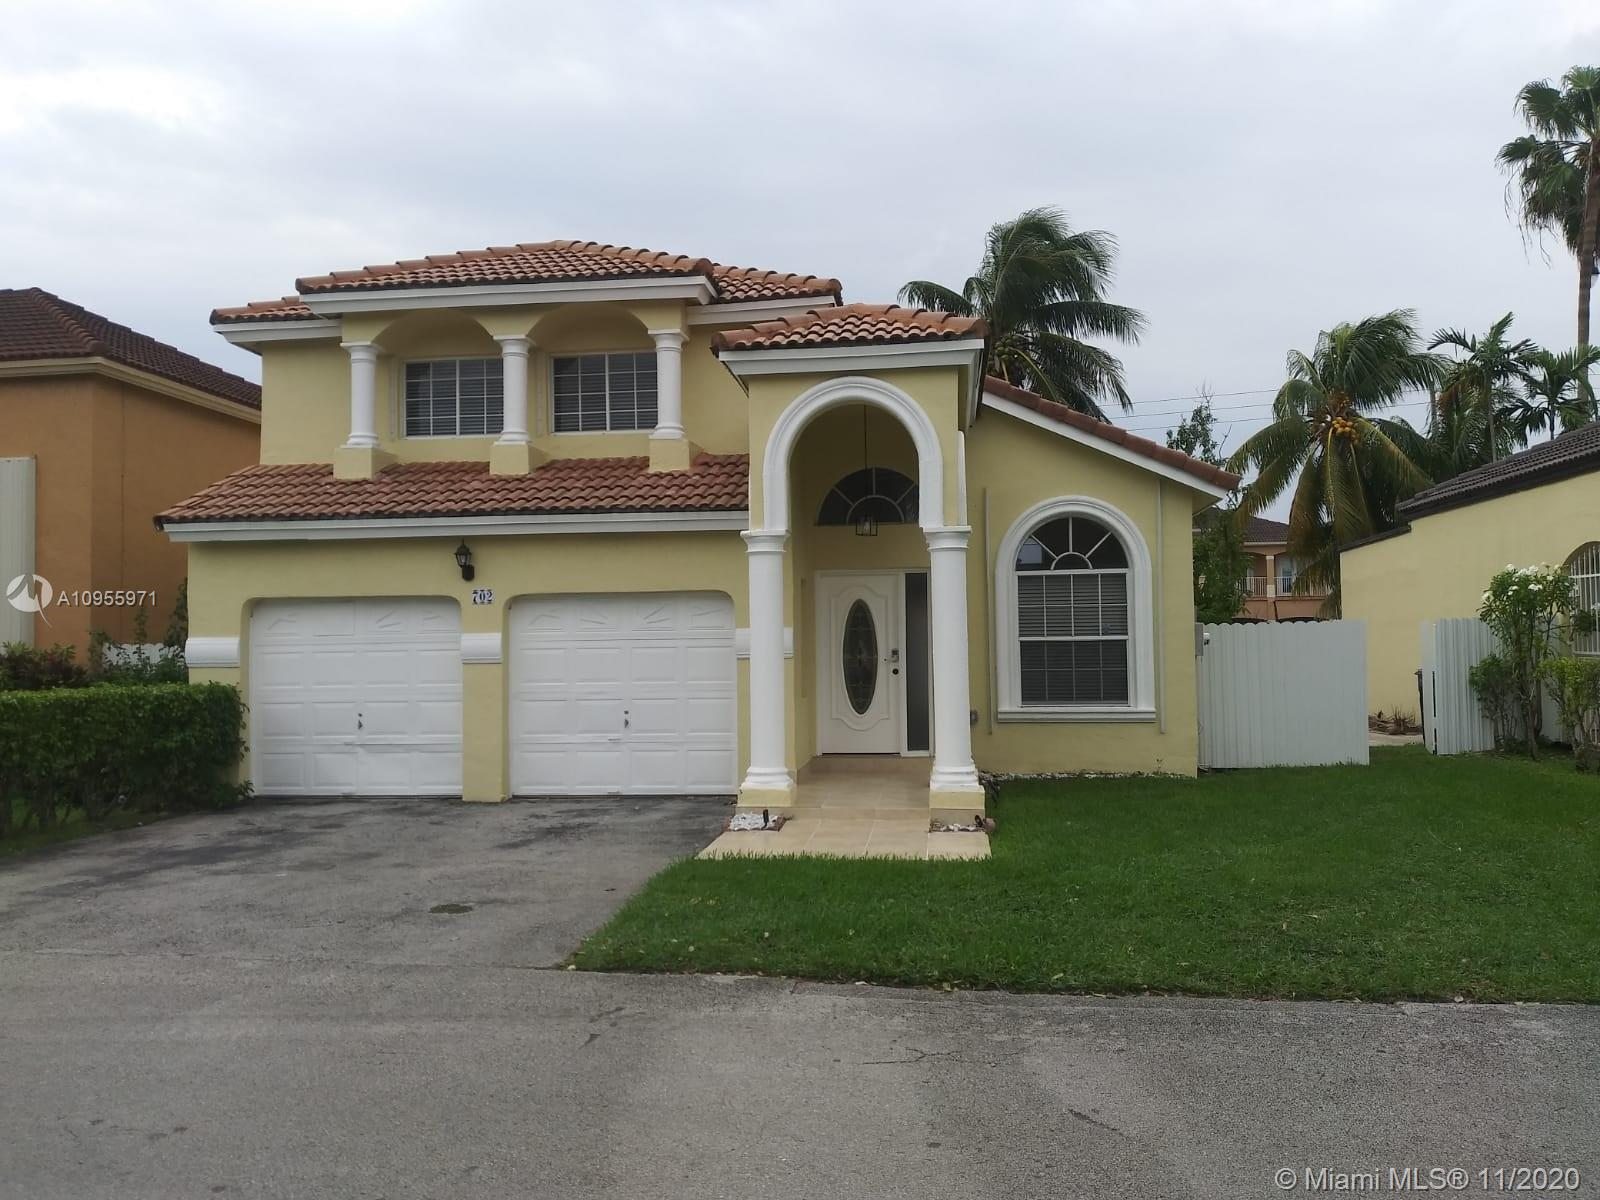 Lake Pointe #N/A - 702 NW 126th Ct #N/A, Miami, FL 33182